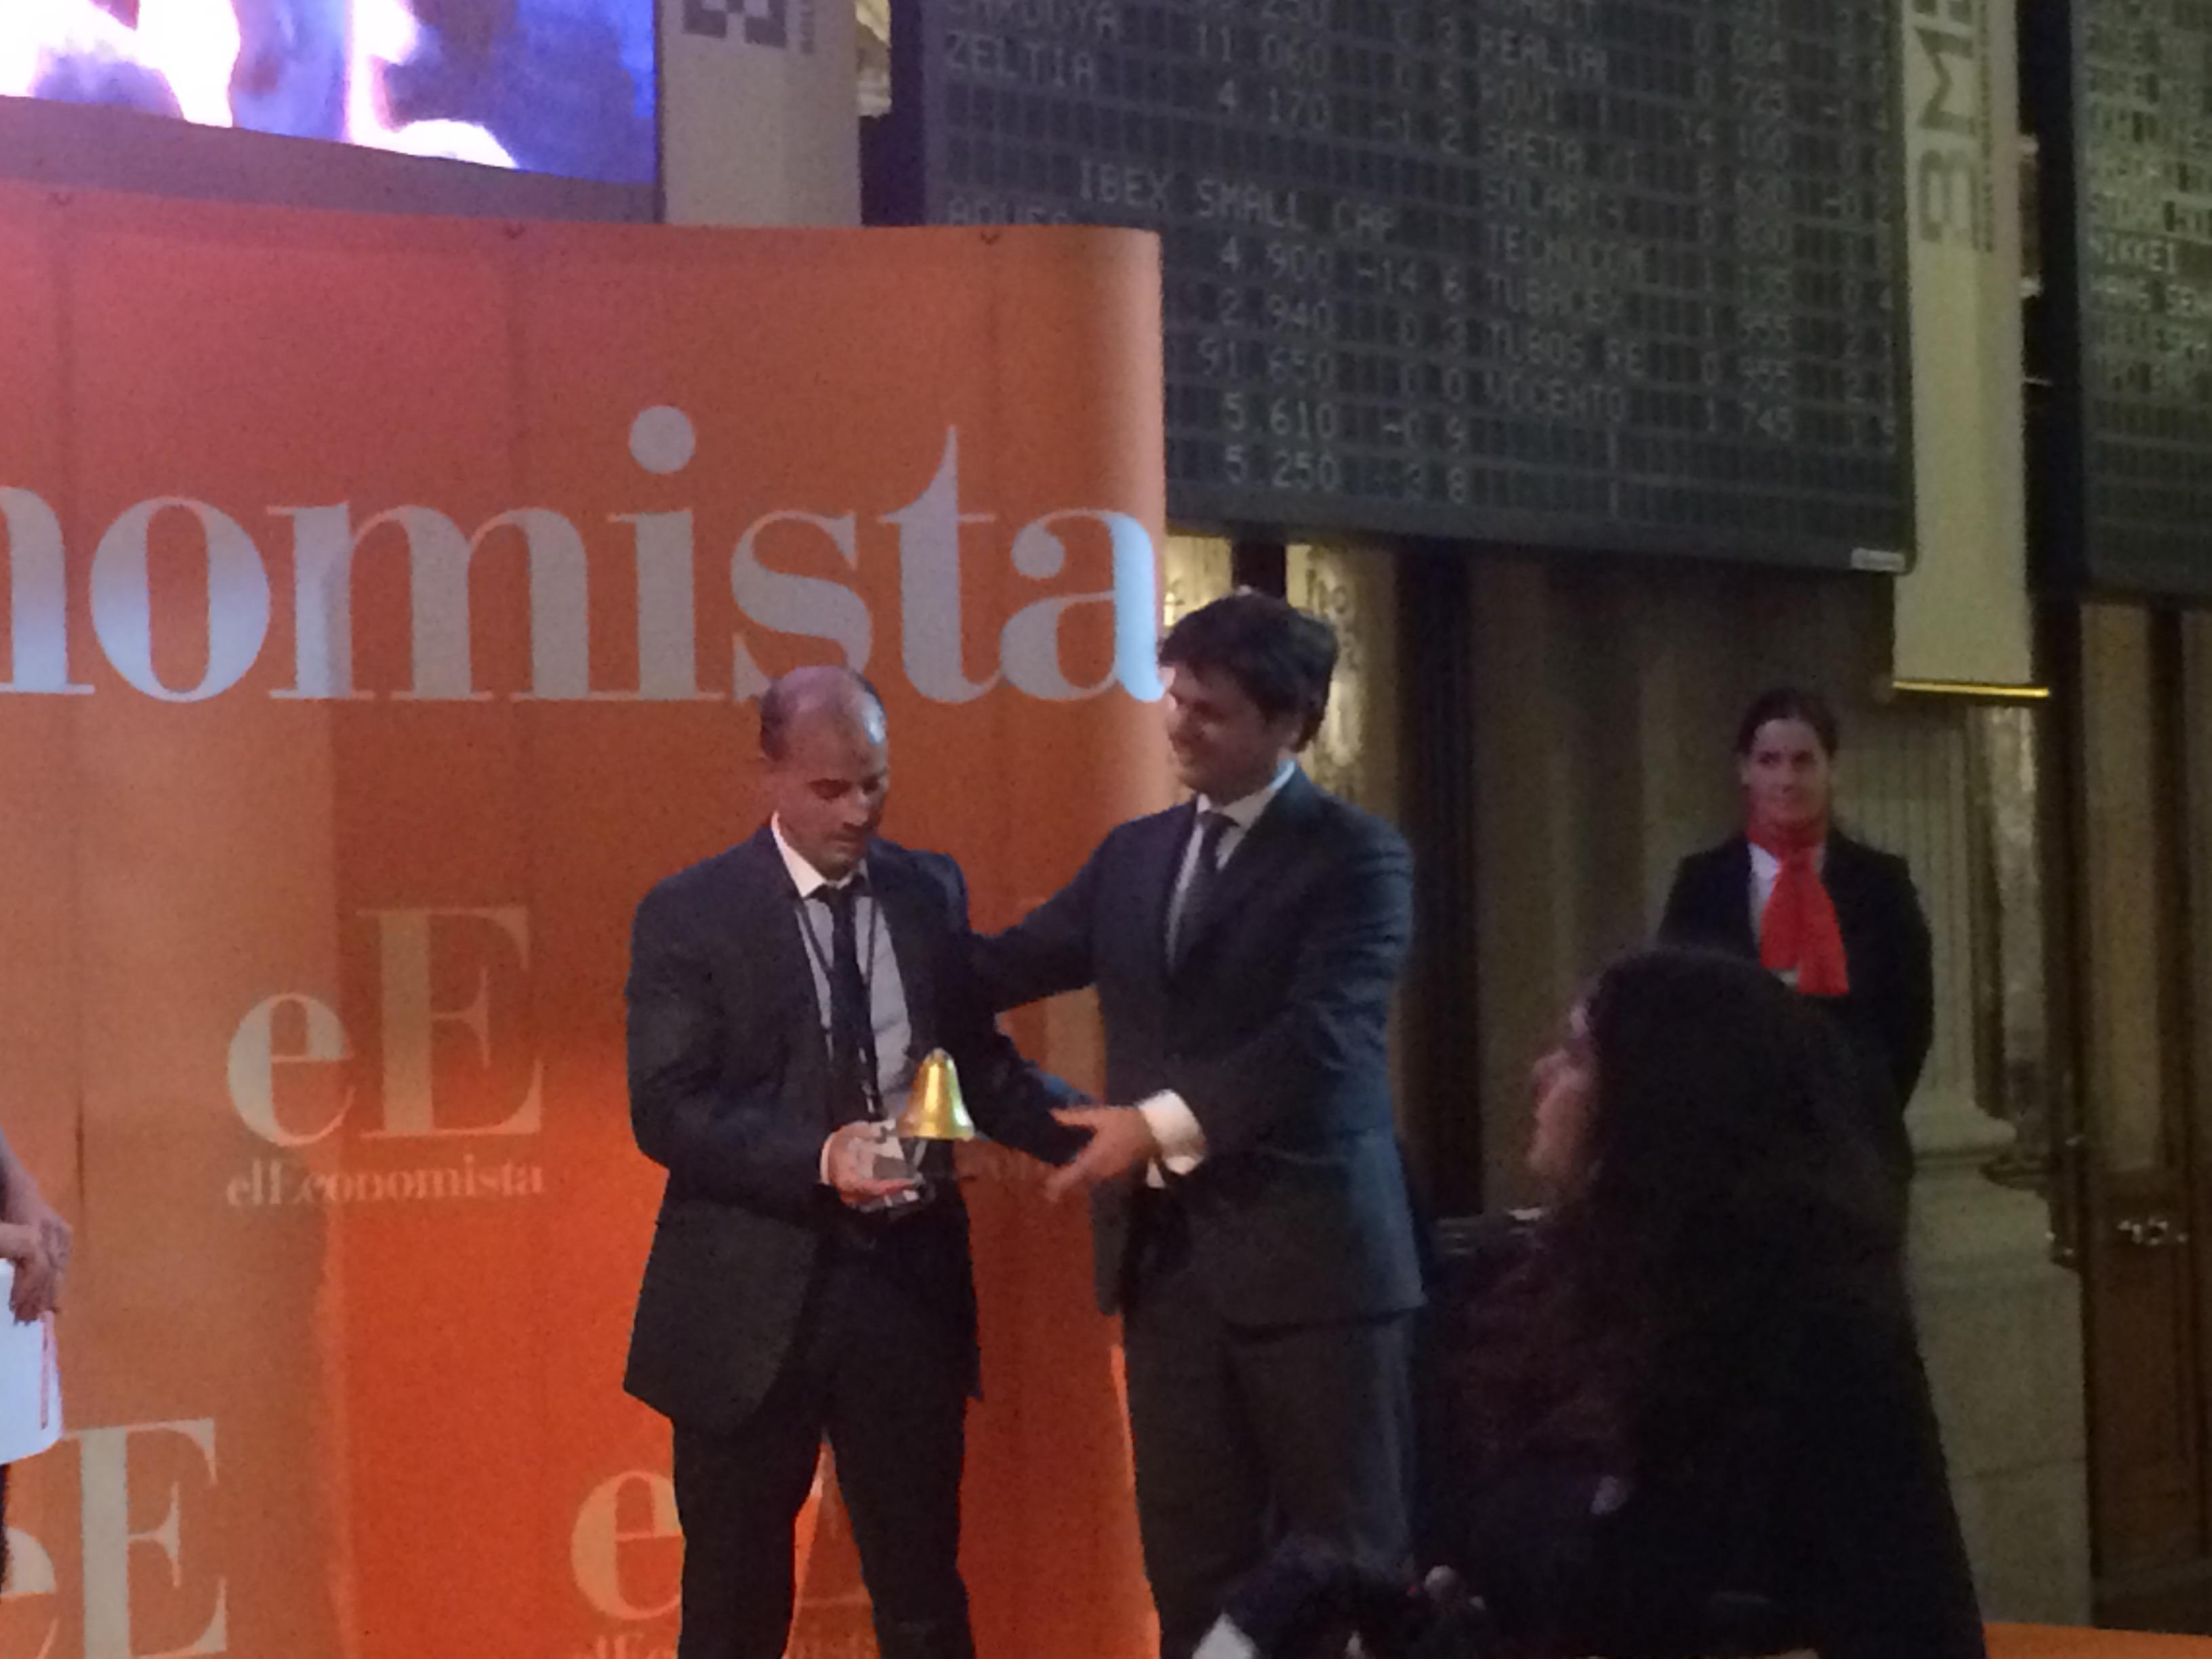 Andbank recibe el premio de 'El Economista' a la mejor cartera de inversión 2014